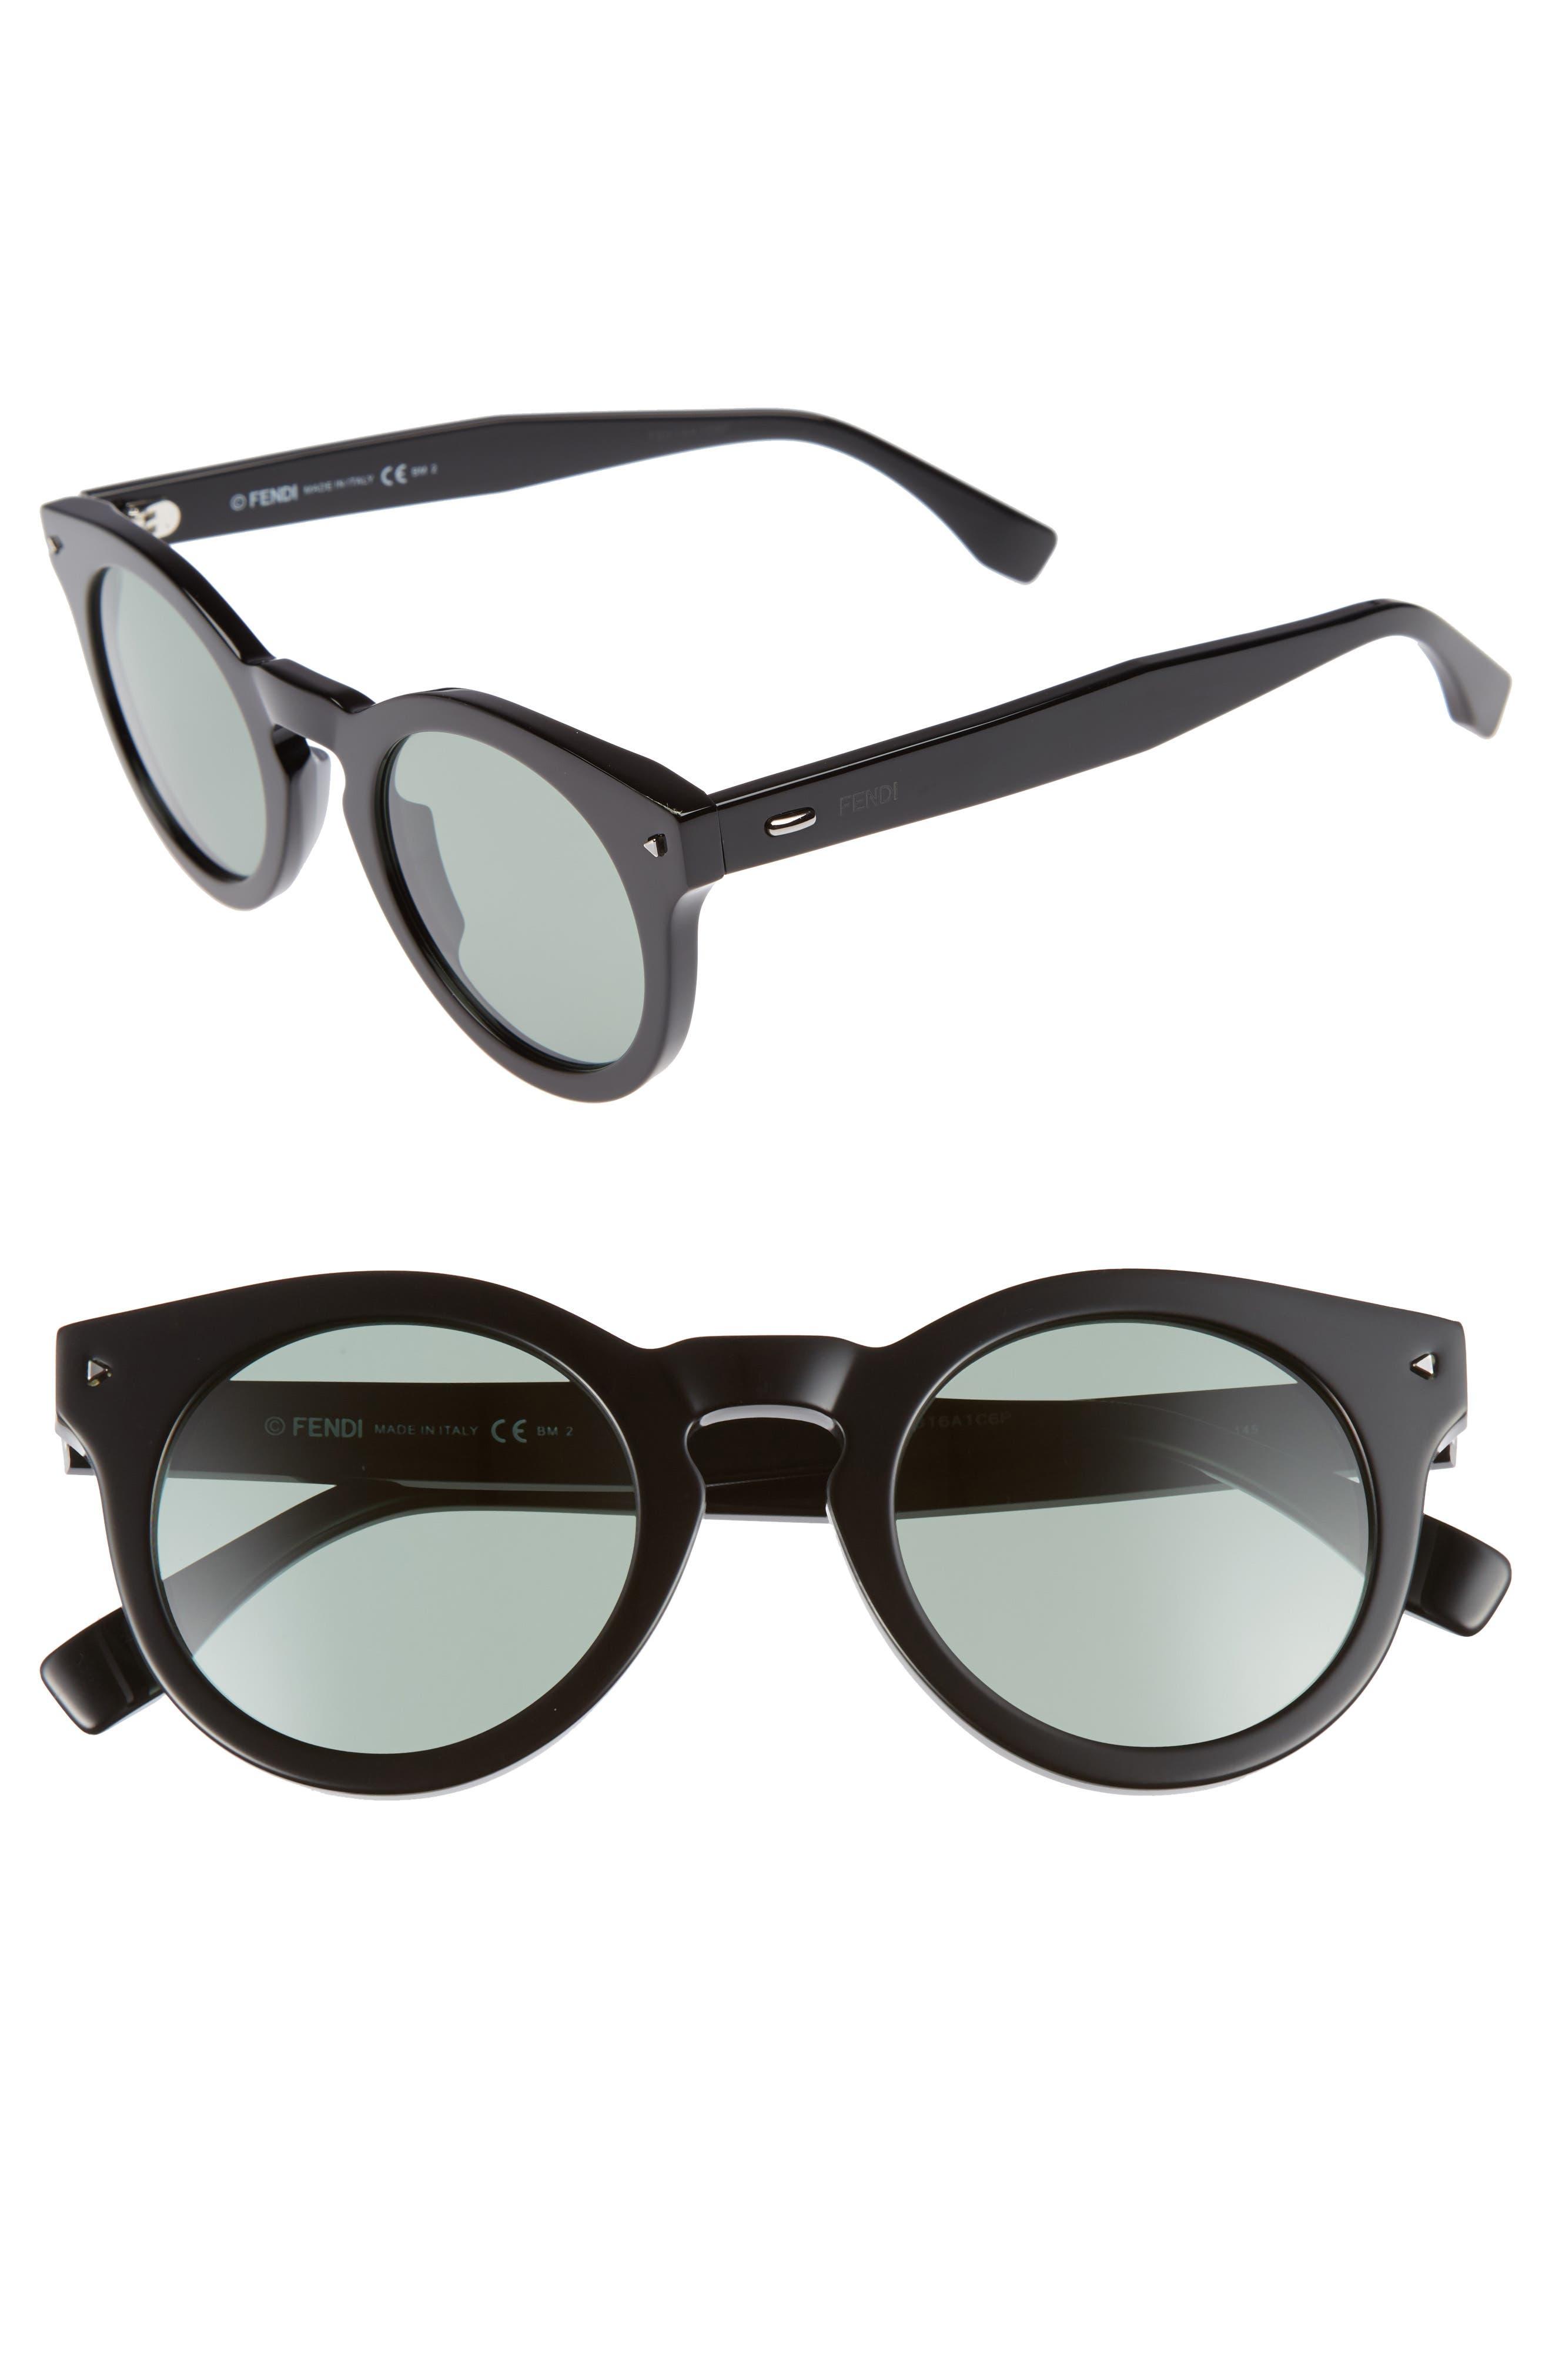 Fendi 48mm Sunglasses